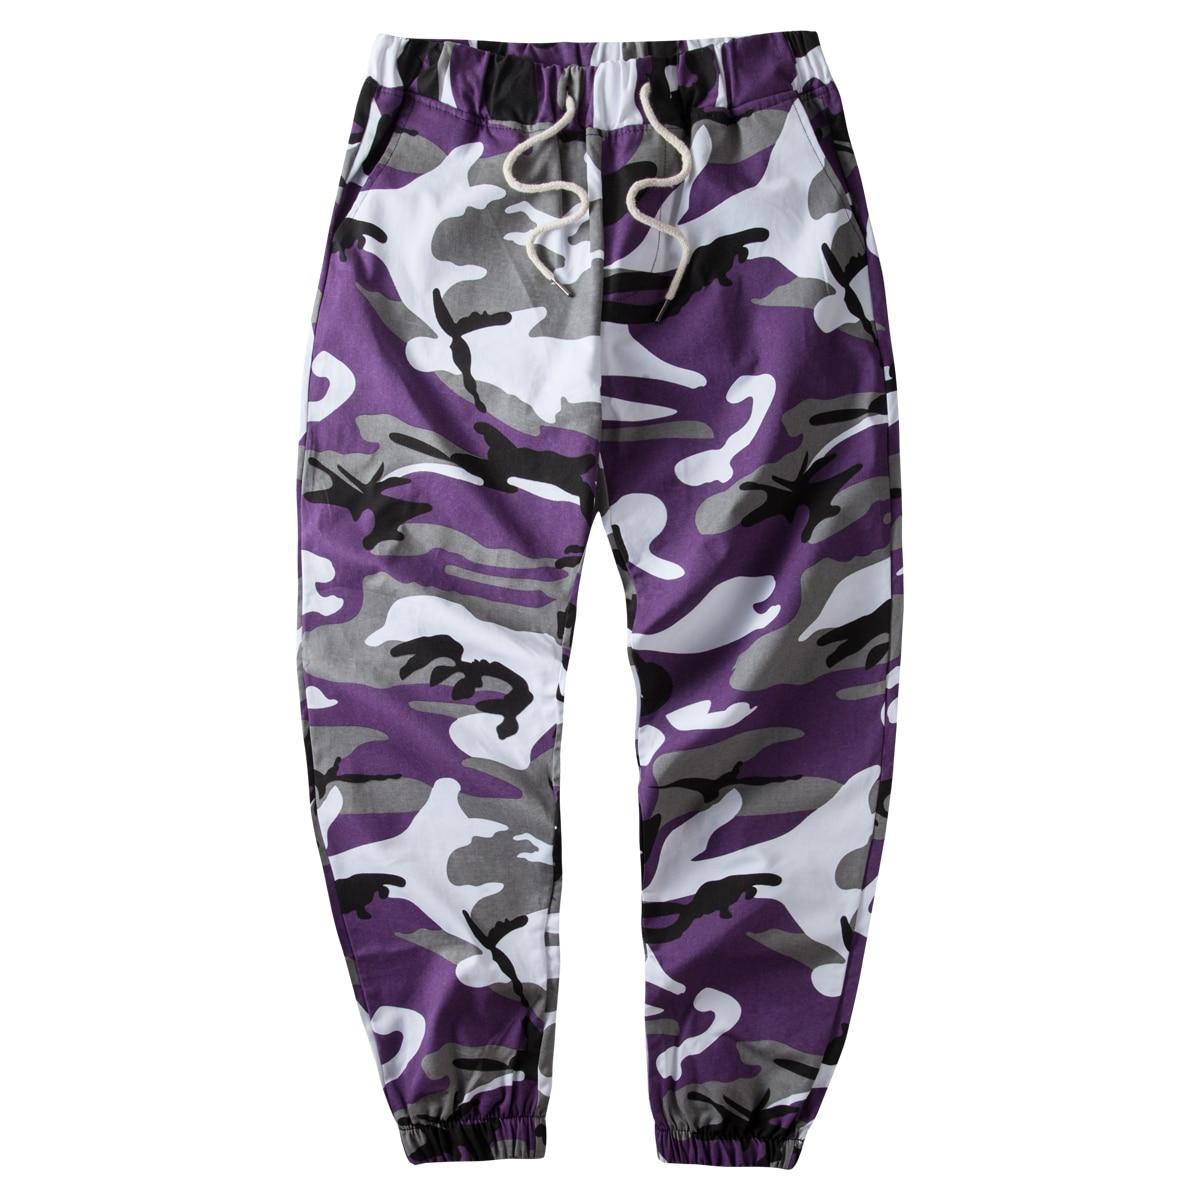 Pants Men Trouser-Pockets Orange Camouflage Jogger Military Tactical Cotton Hip-Hop Woven